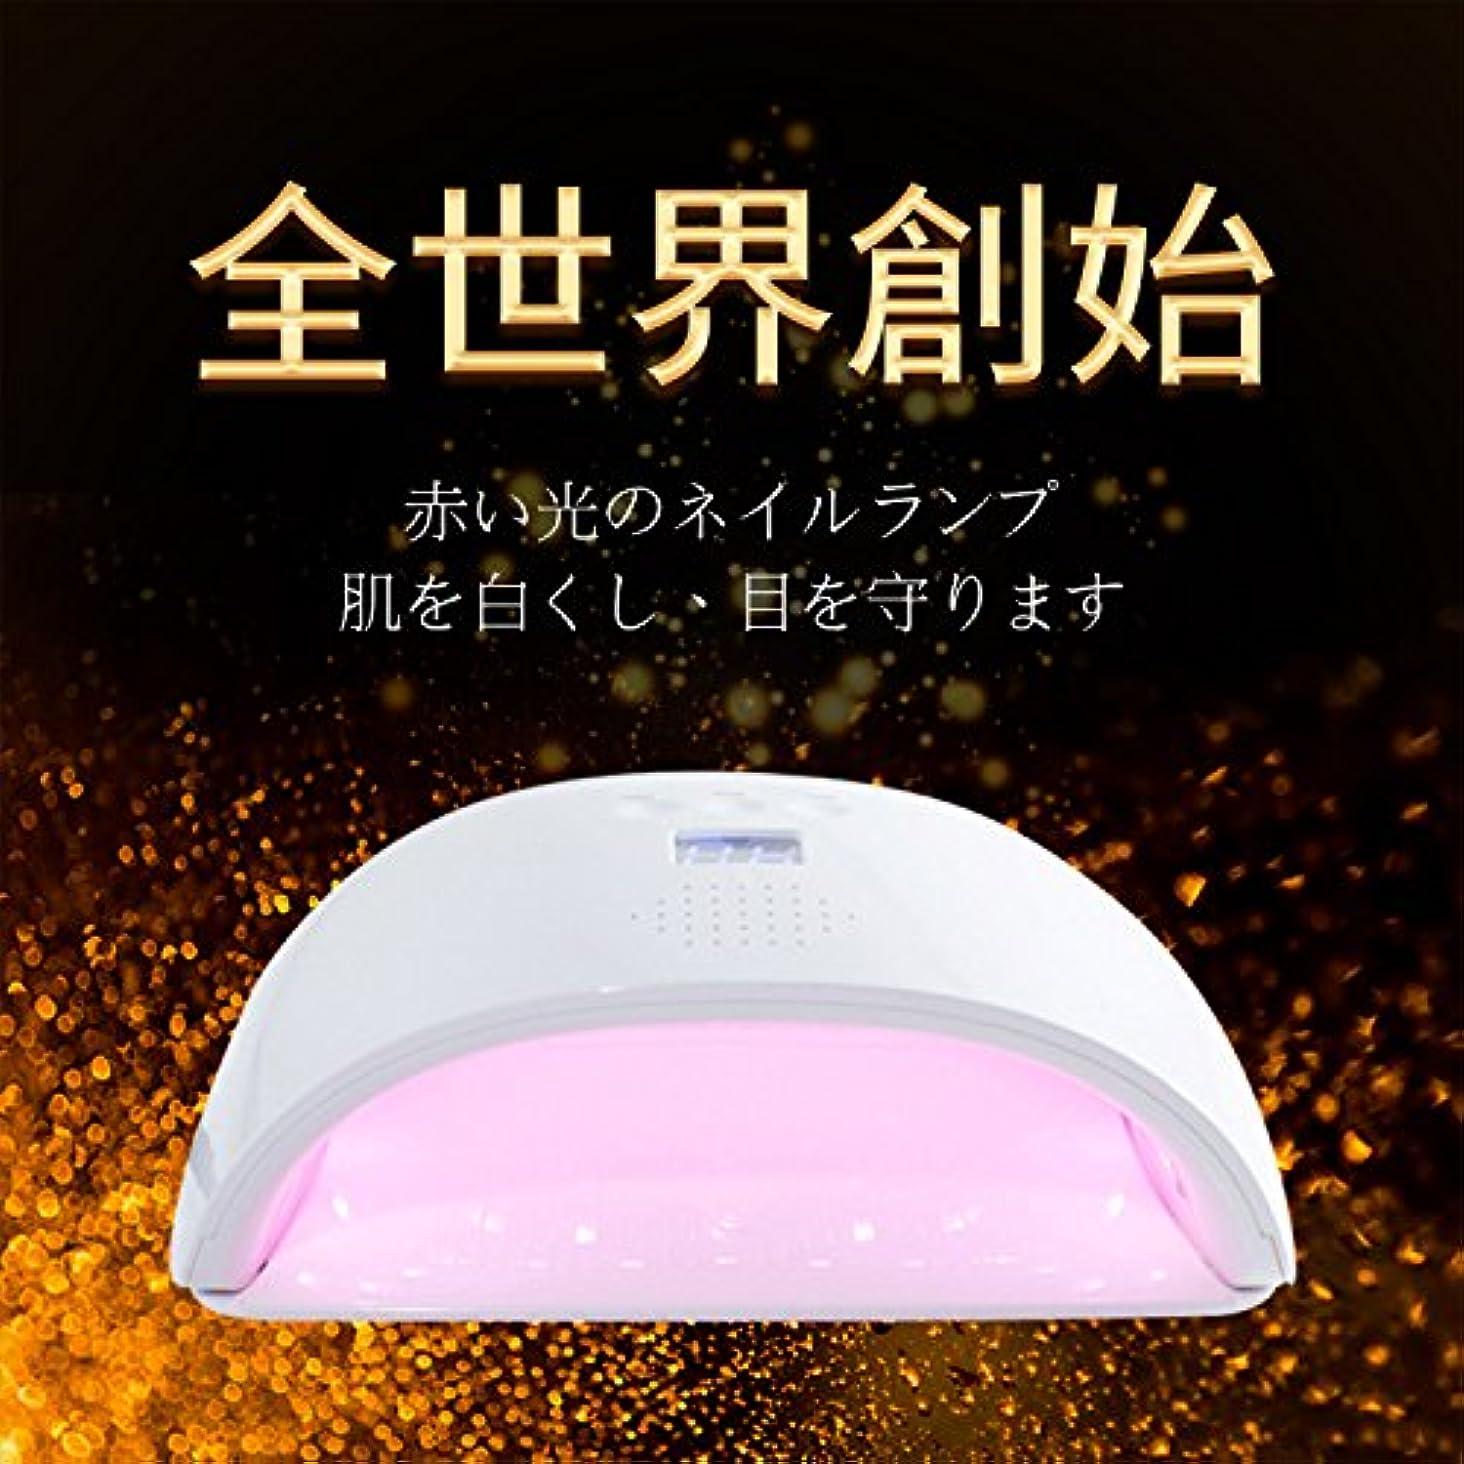 パブセイはさておき懺悔Halicer 48W UV LED ネイルドライヤー 人感センサー 自動オンオフ 30S/60S/90Sタイマー設定 取り外し式 手と足両用 22粒UV LDEダブルライト